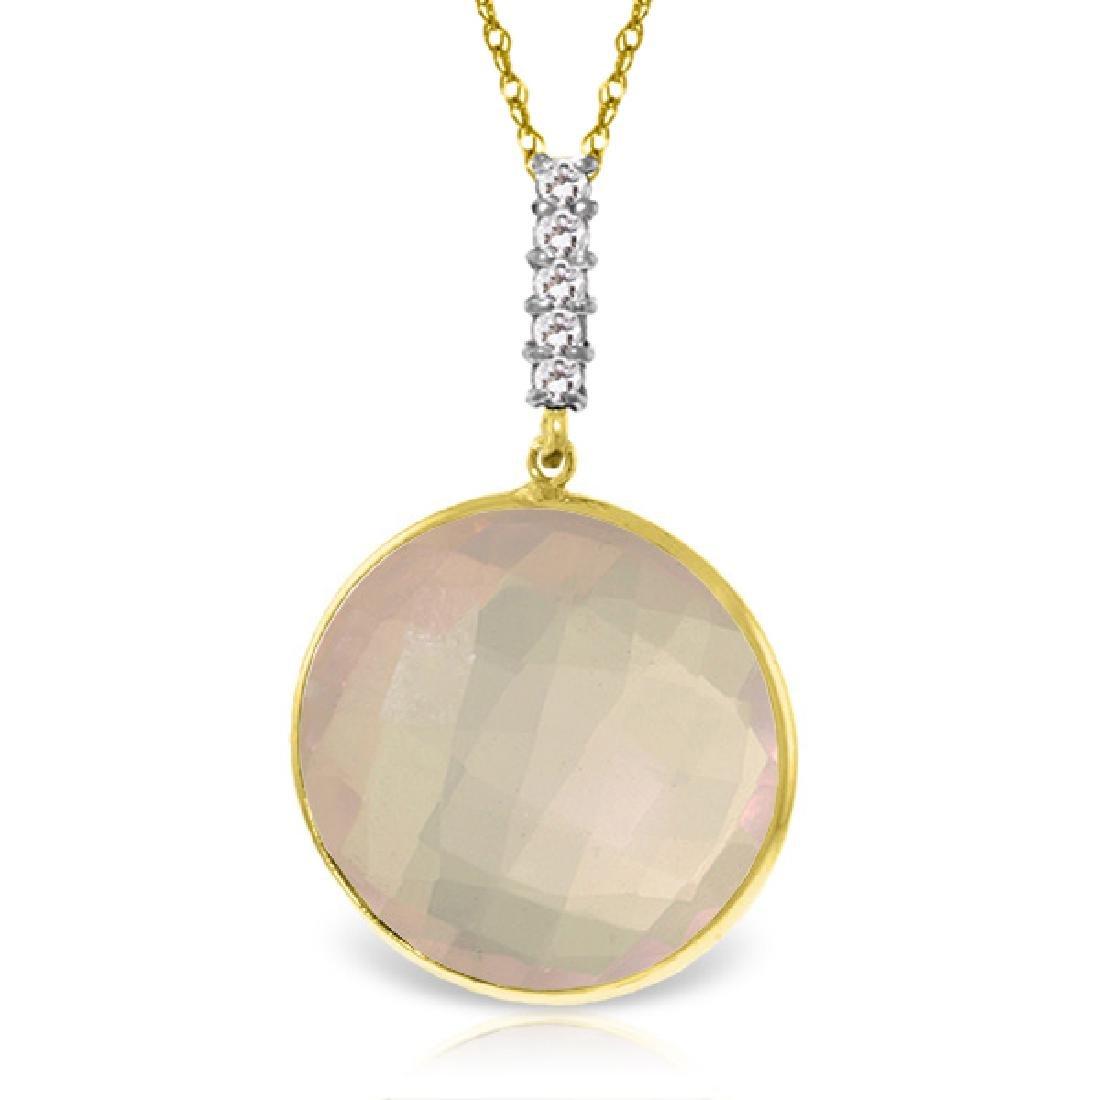 Genuine 17.08 ctw Rose Quartz & Diamond Necklace